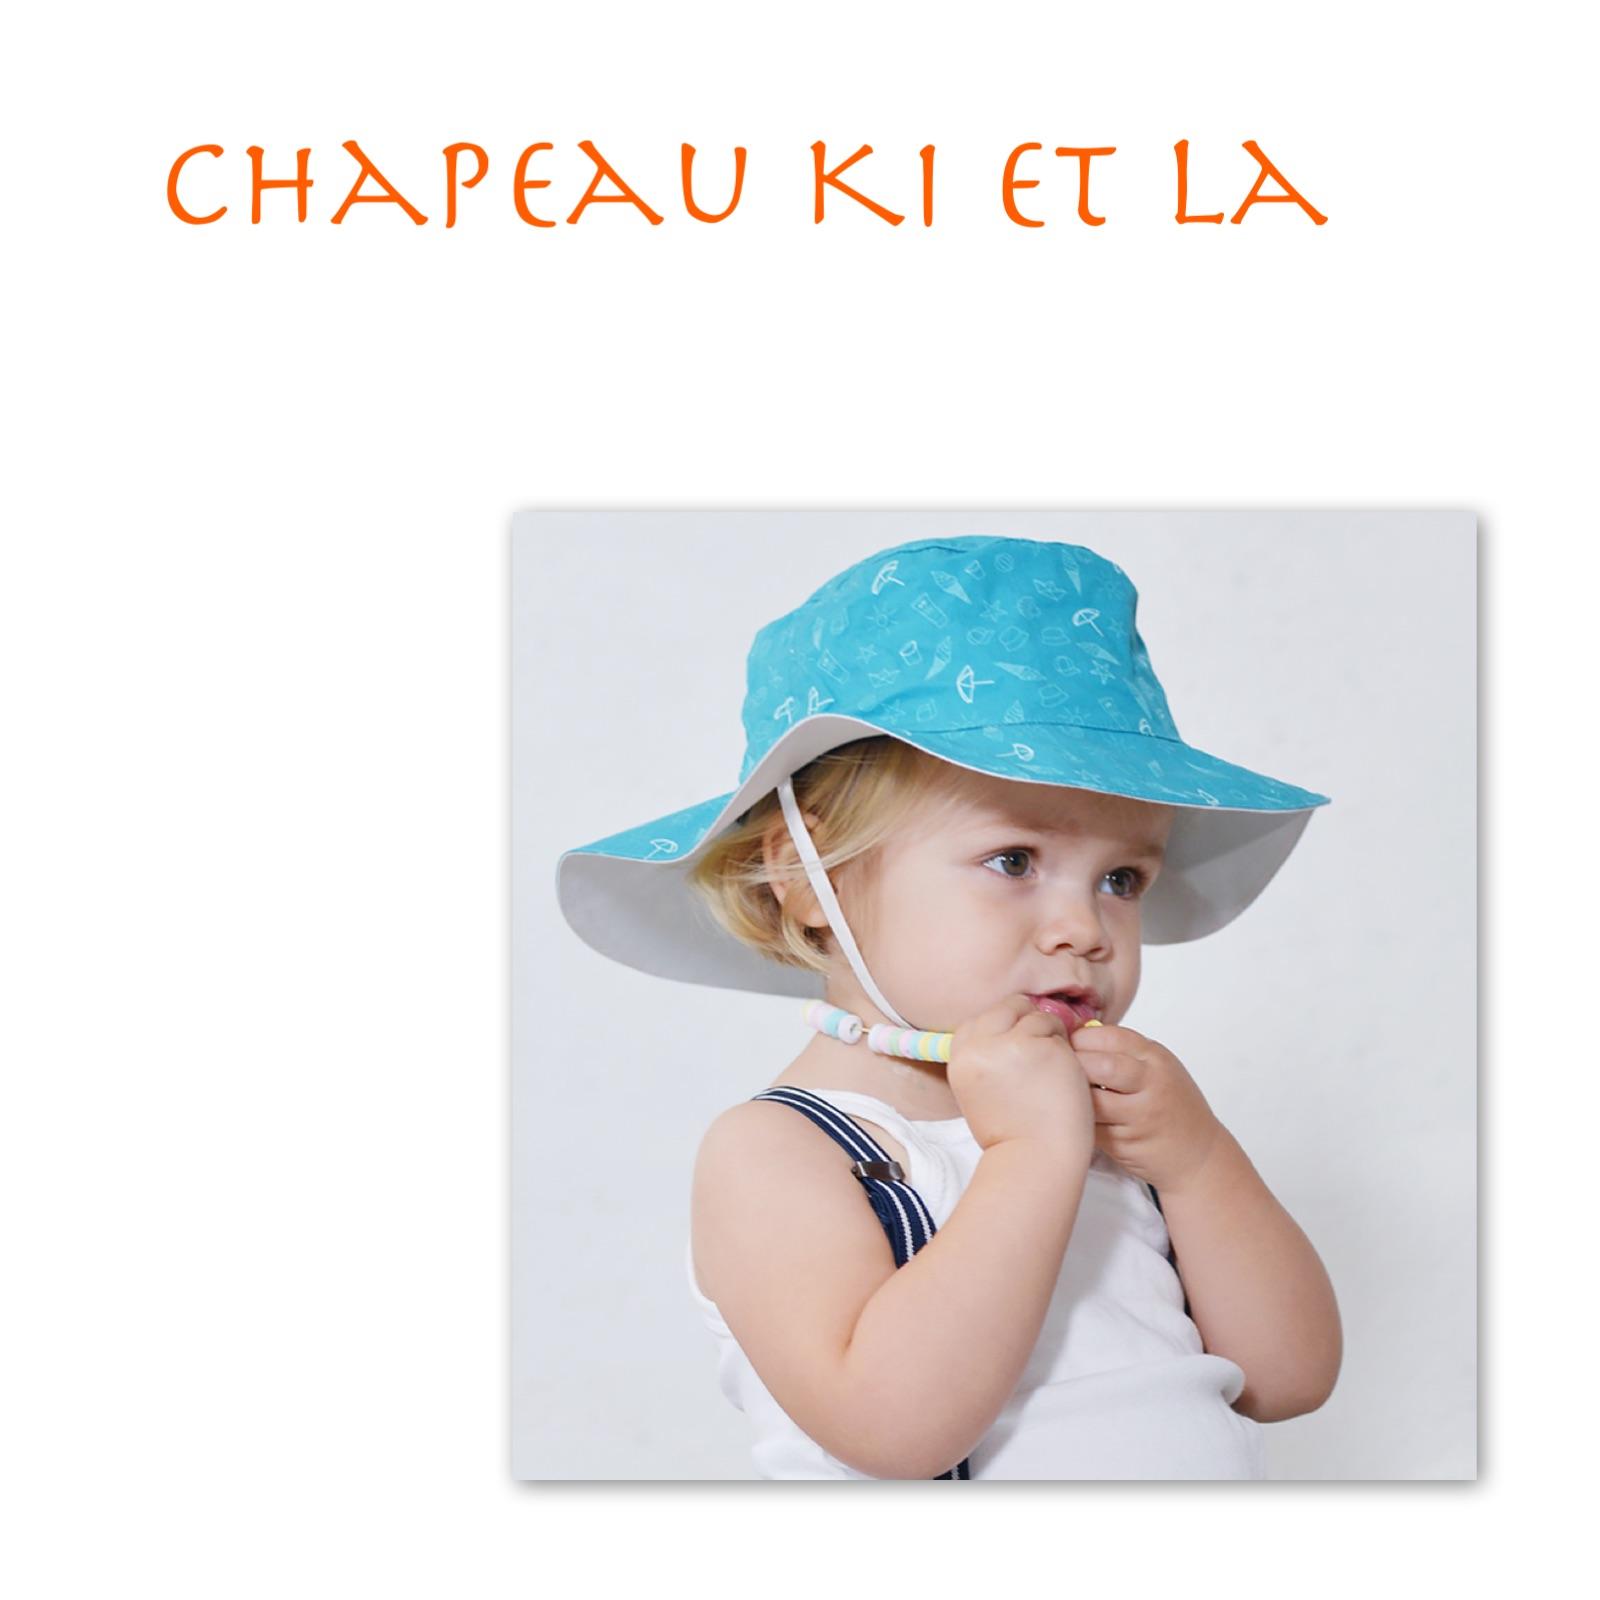 Chapeau Ki et La